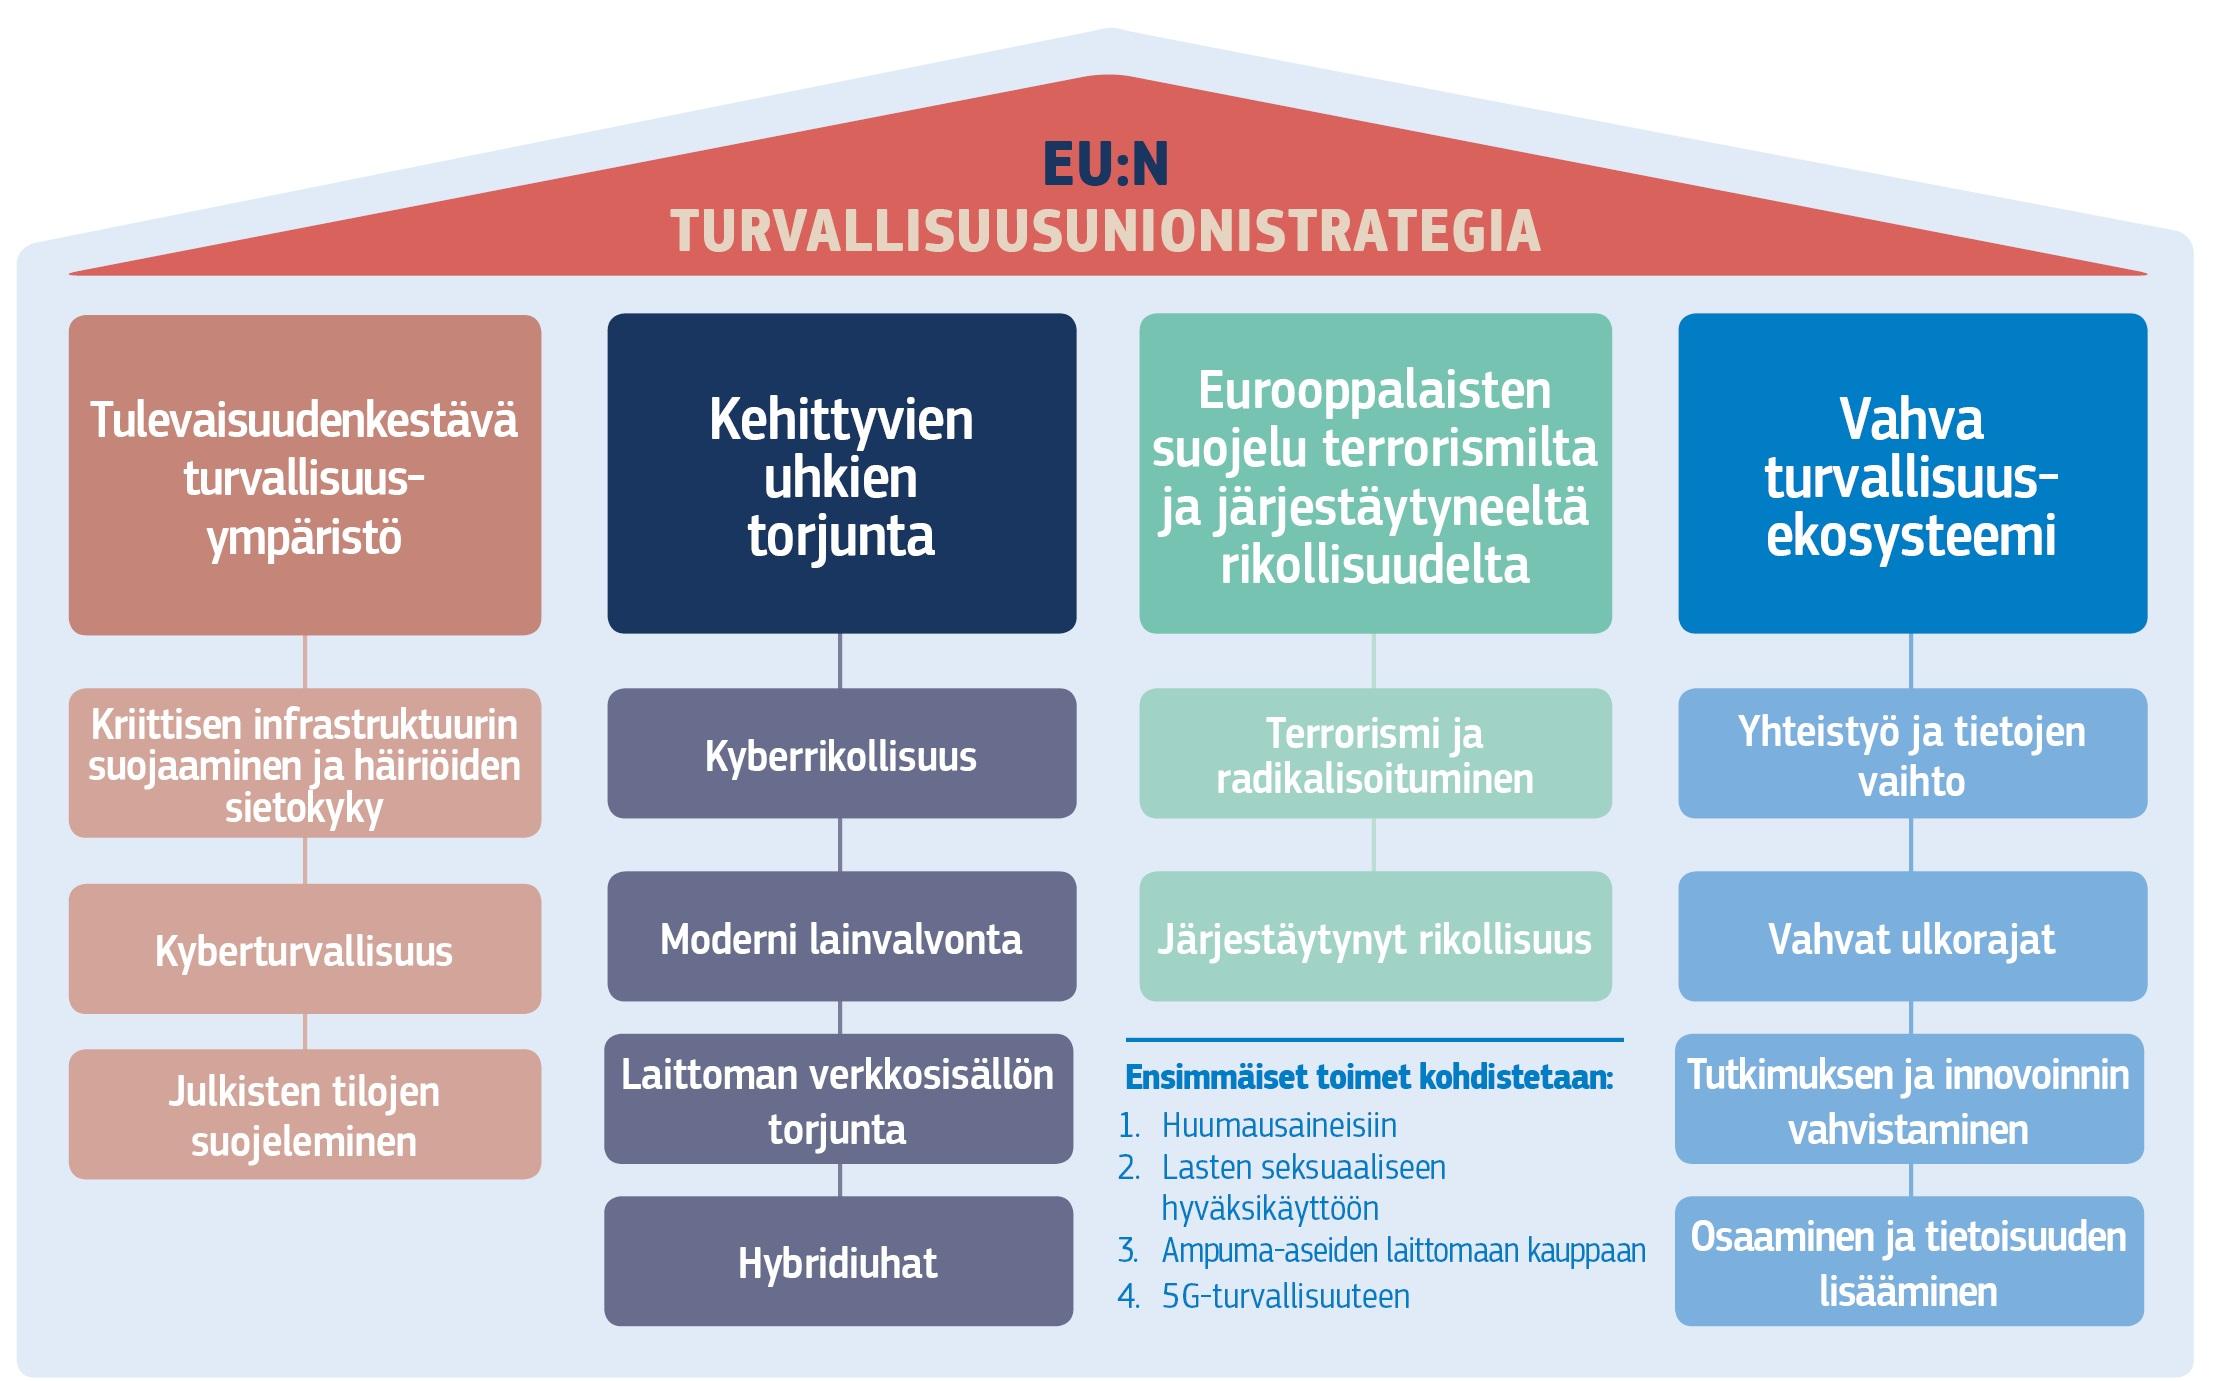 Strategy union FI